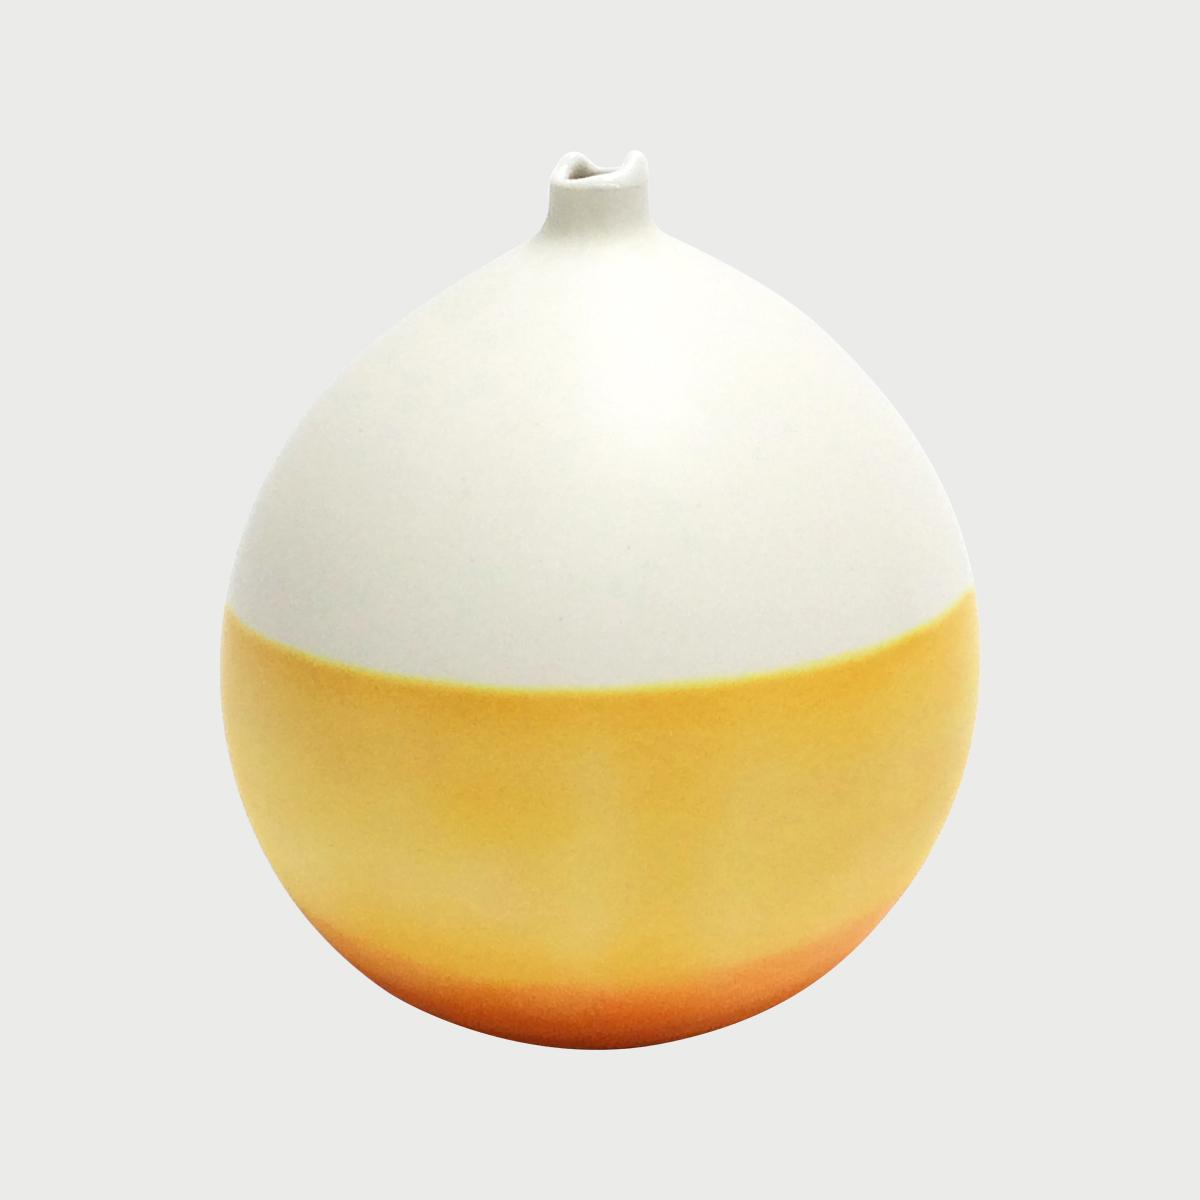 Small orbit vase